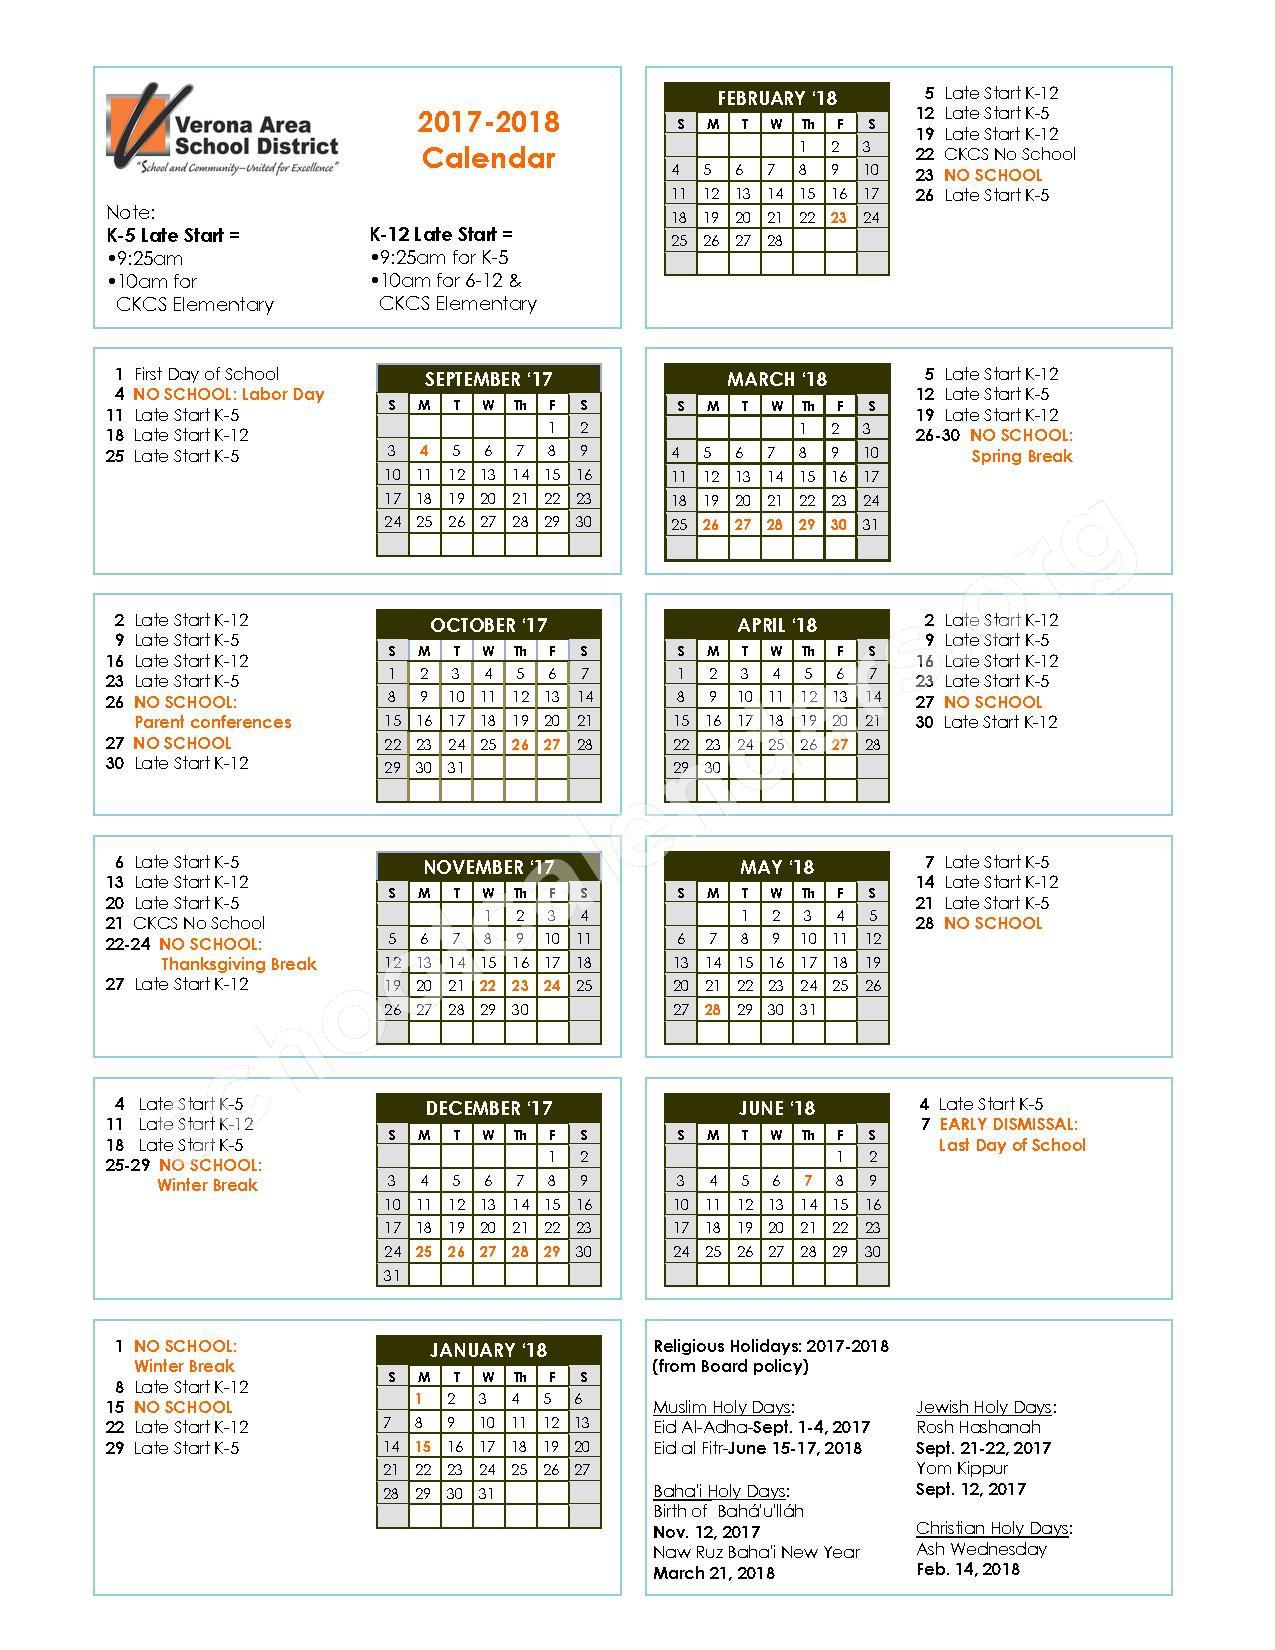 VASD 2017 - 2018 Calendar – Verona Area School District – page 1